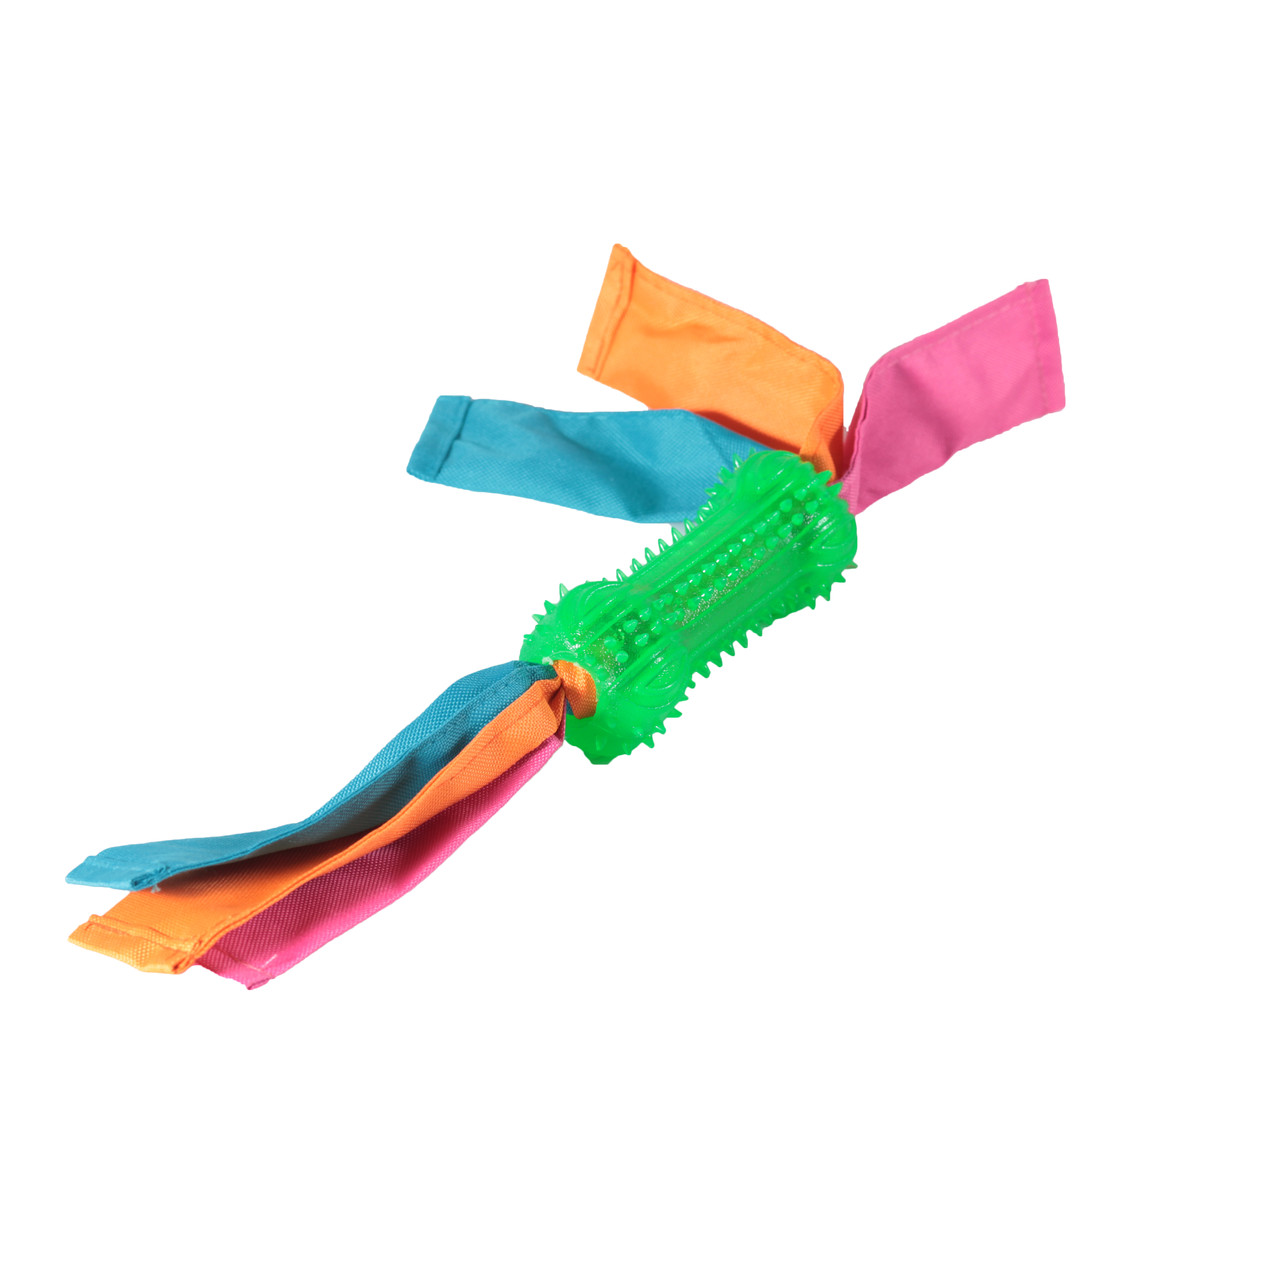 Игрушка TPR для собак FOX гантелька шипированная с лентами нейлоновыми, 12х38 см